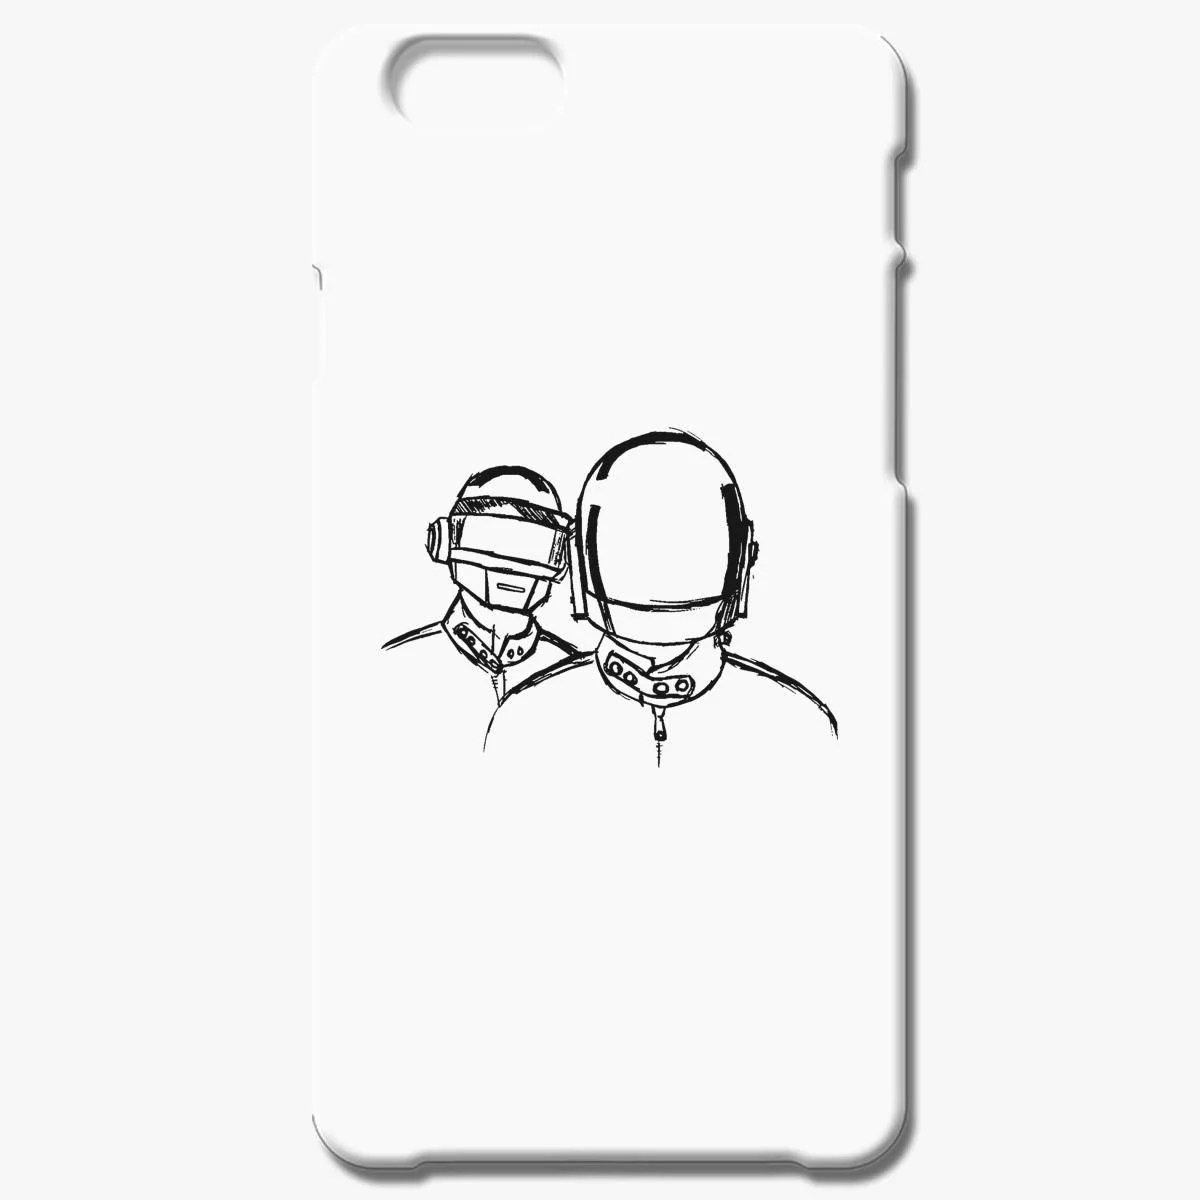 Daft Punk Sketch Iphone 6 6s Case